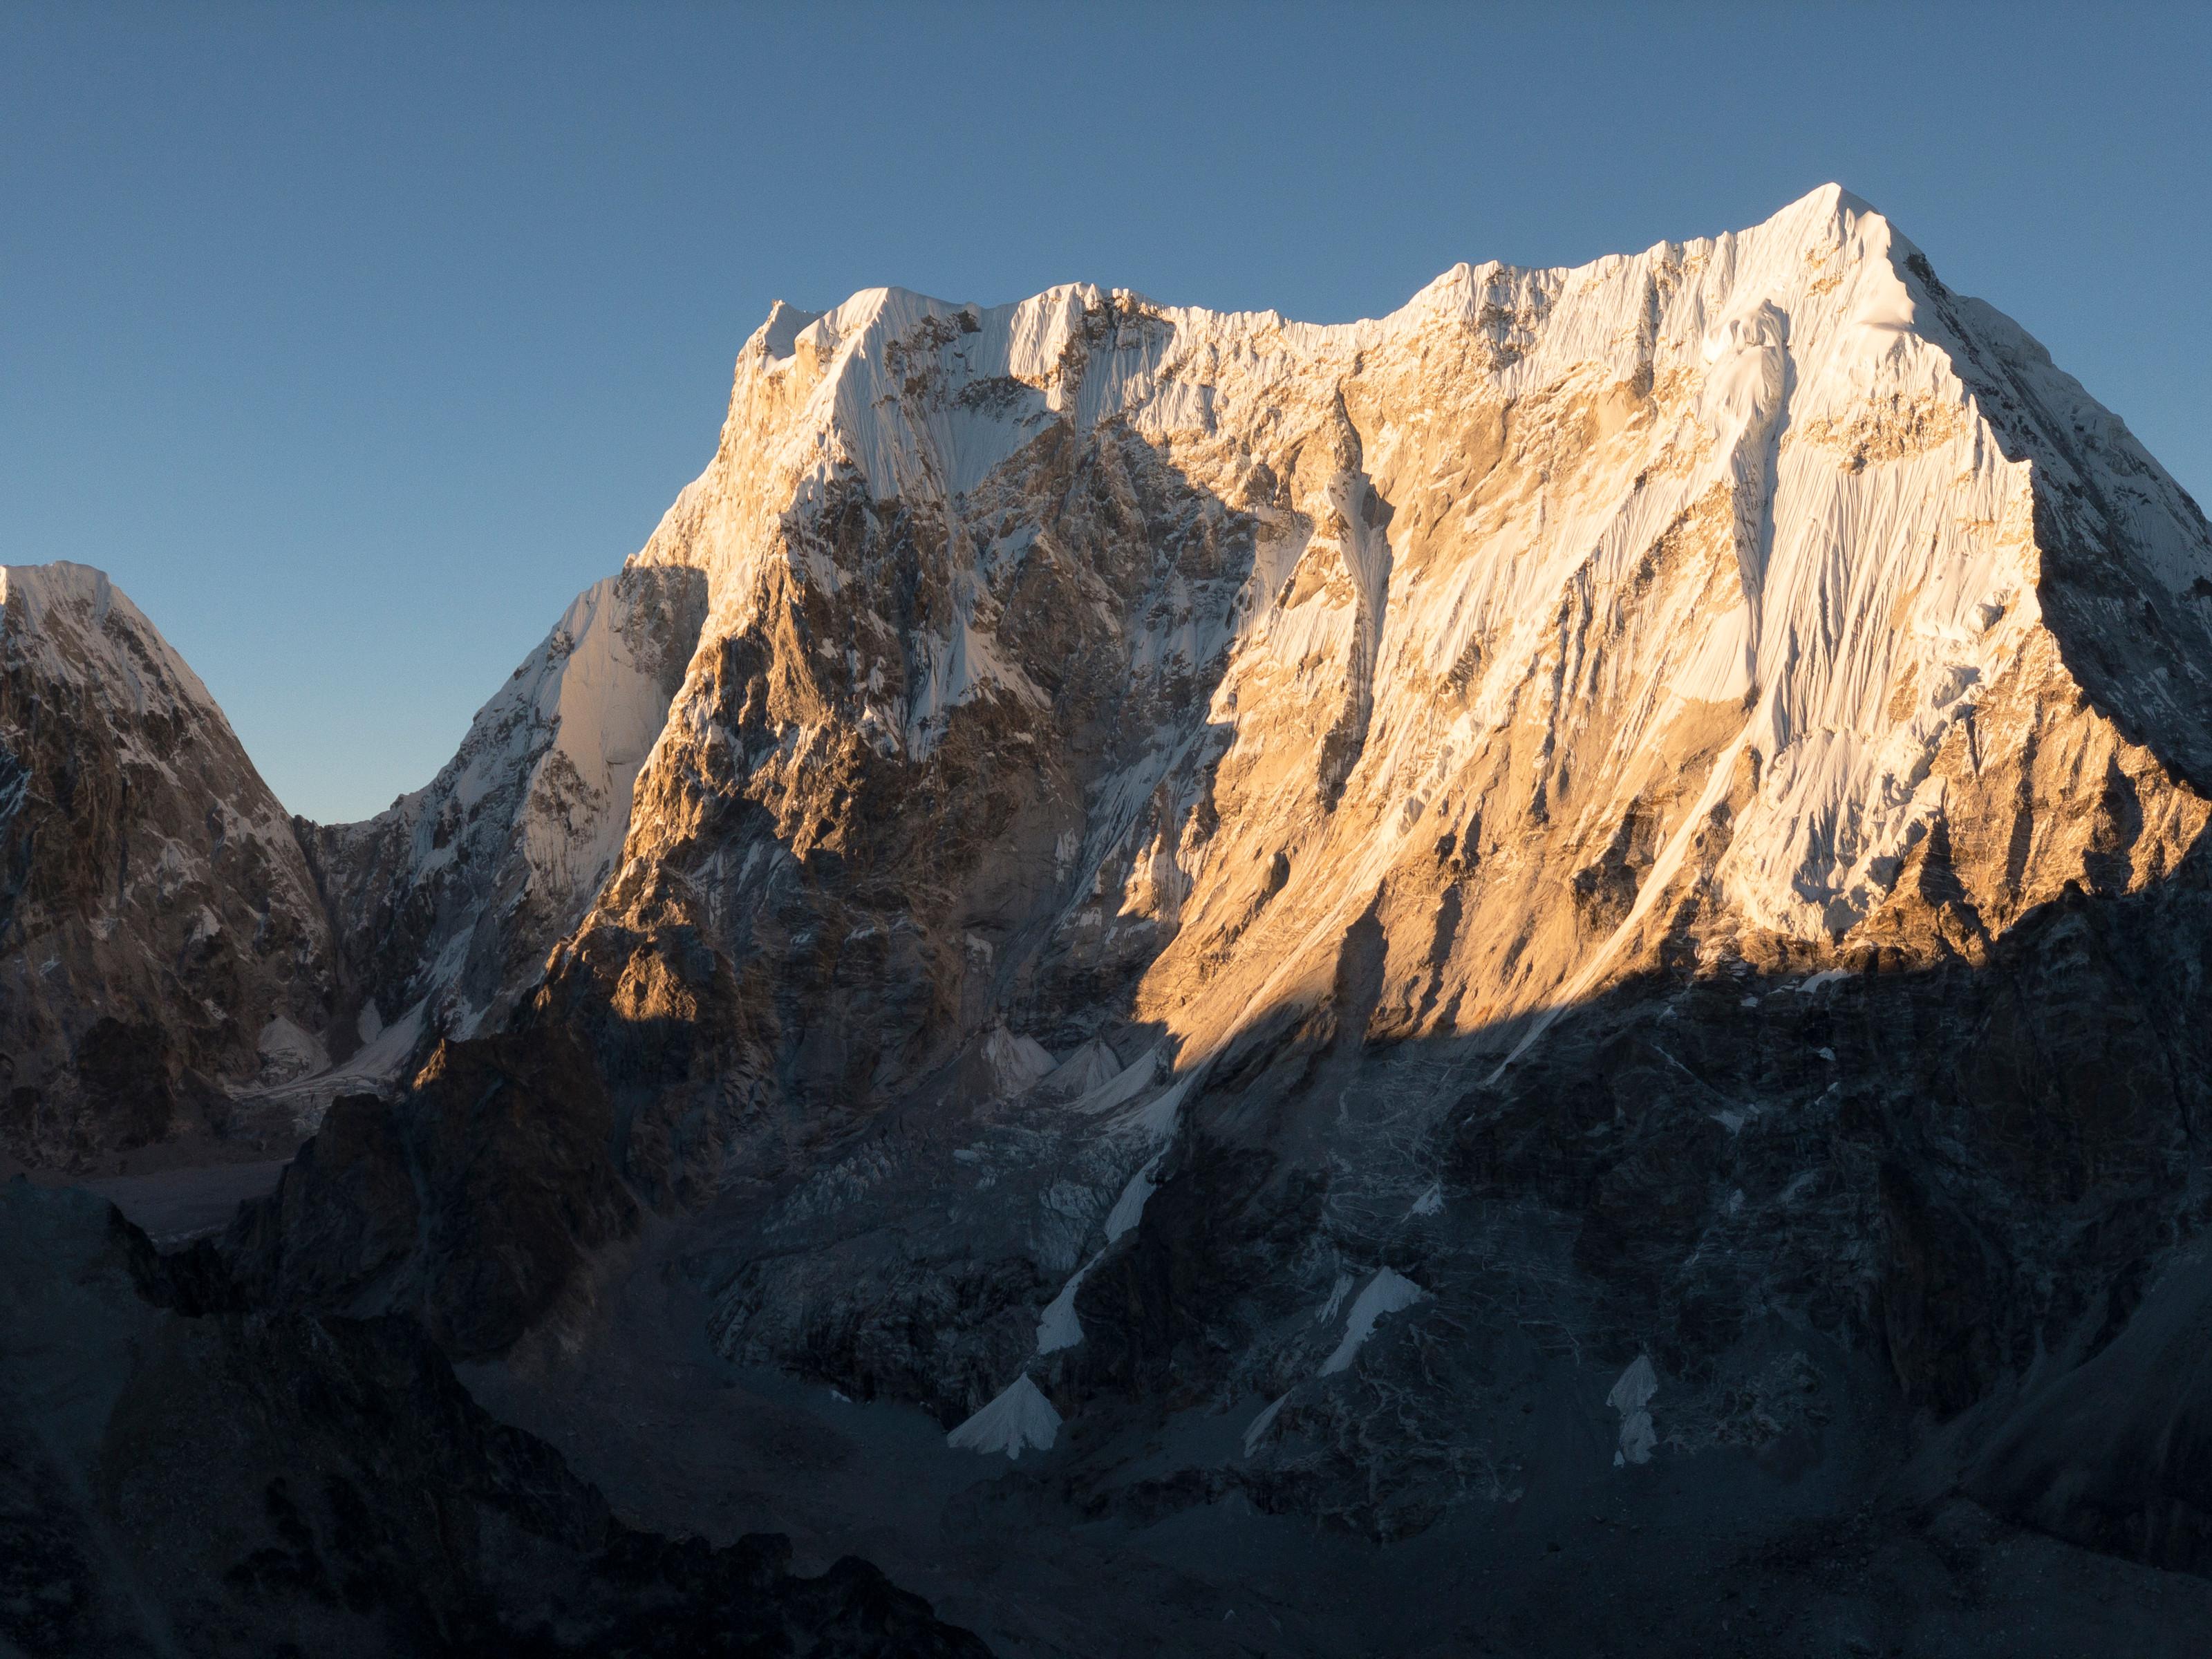 Why Climb Solo? David Lama Summits Lunag Ri Alone | GearJunkie